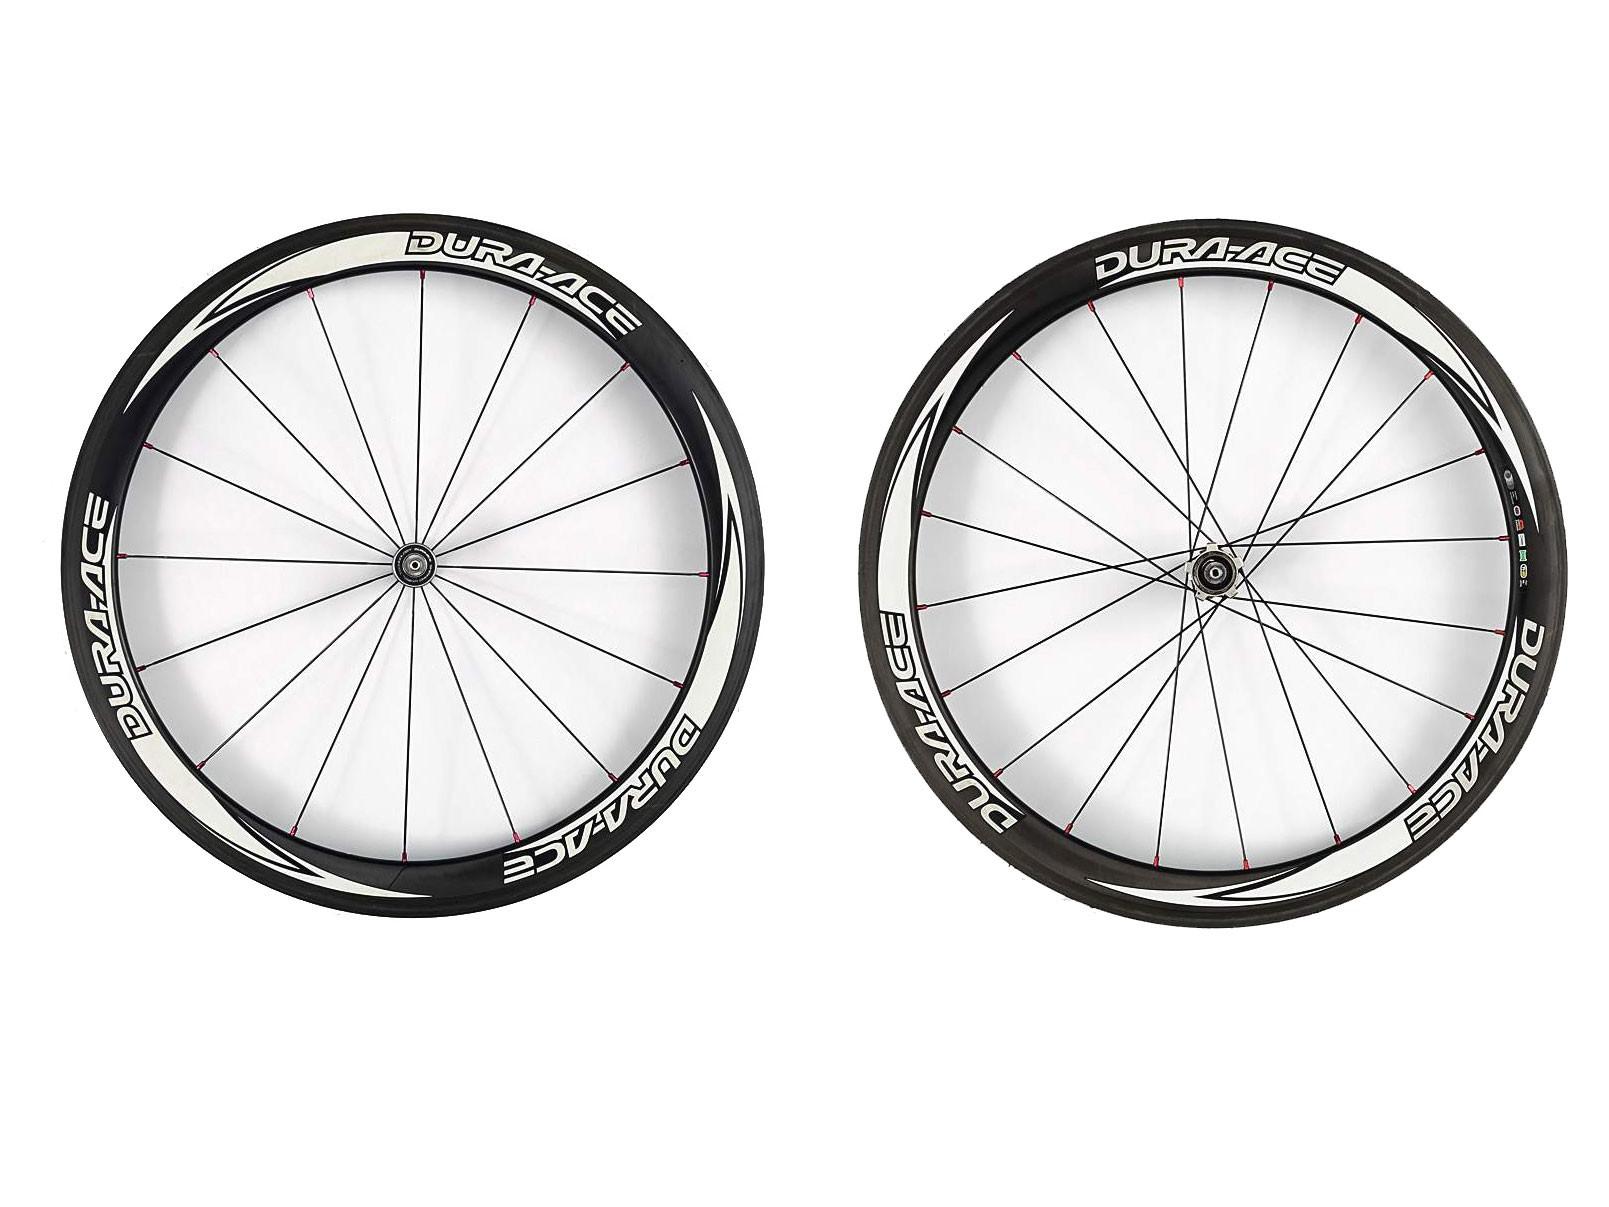 Shimano WH-7850 tubular wheelset